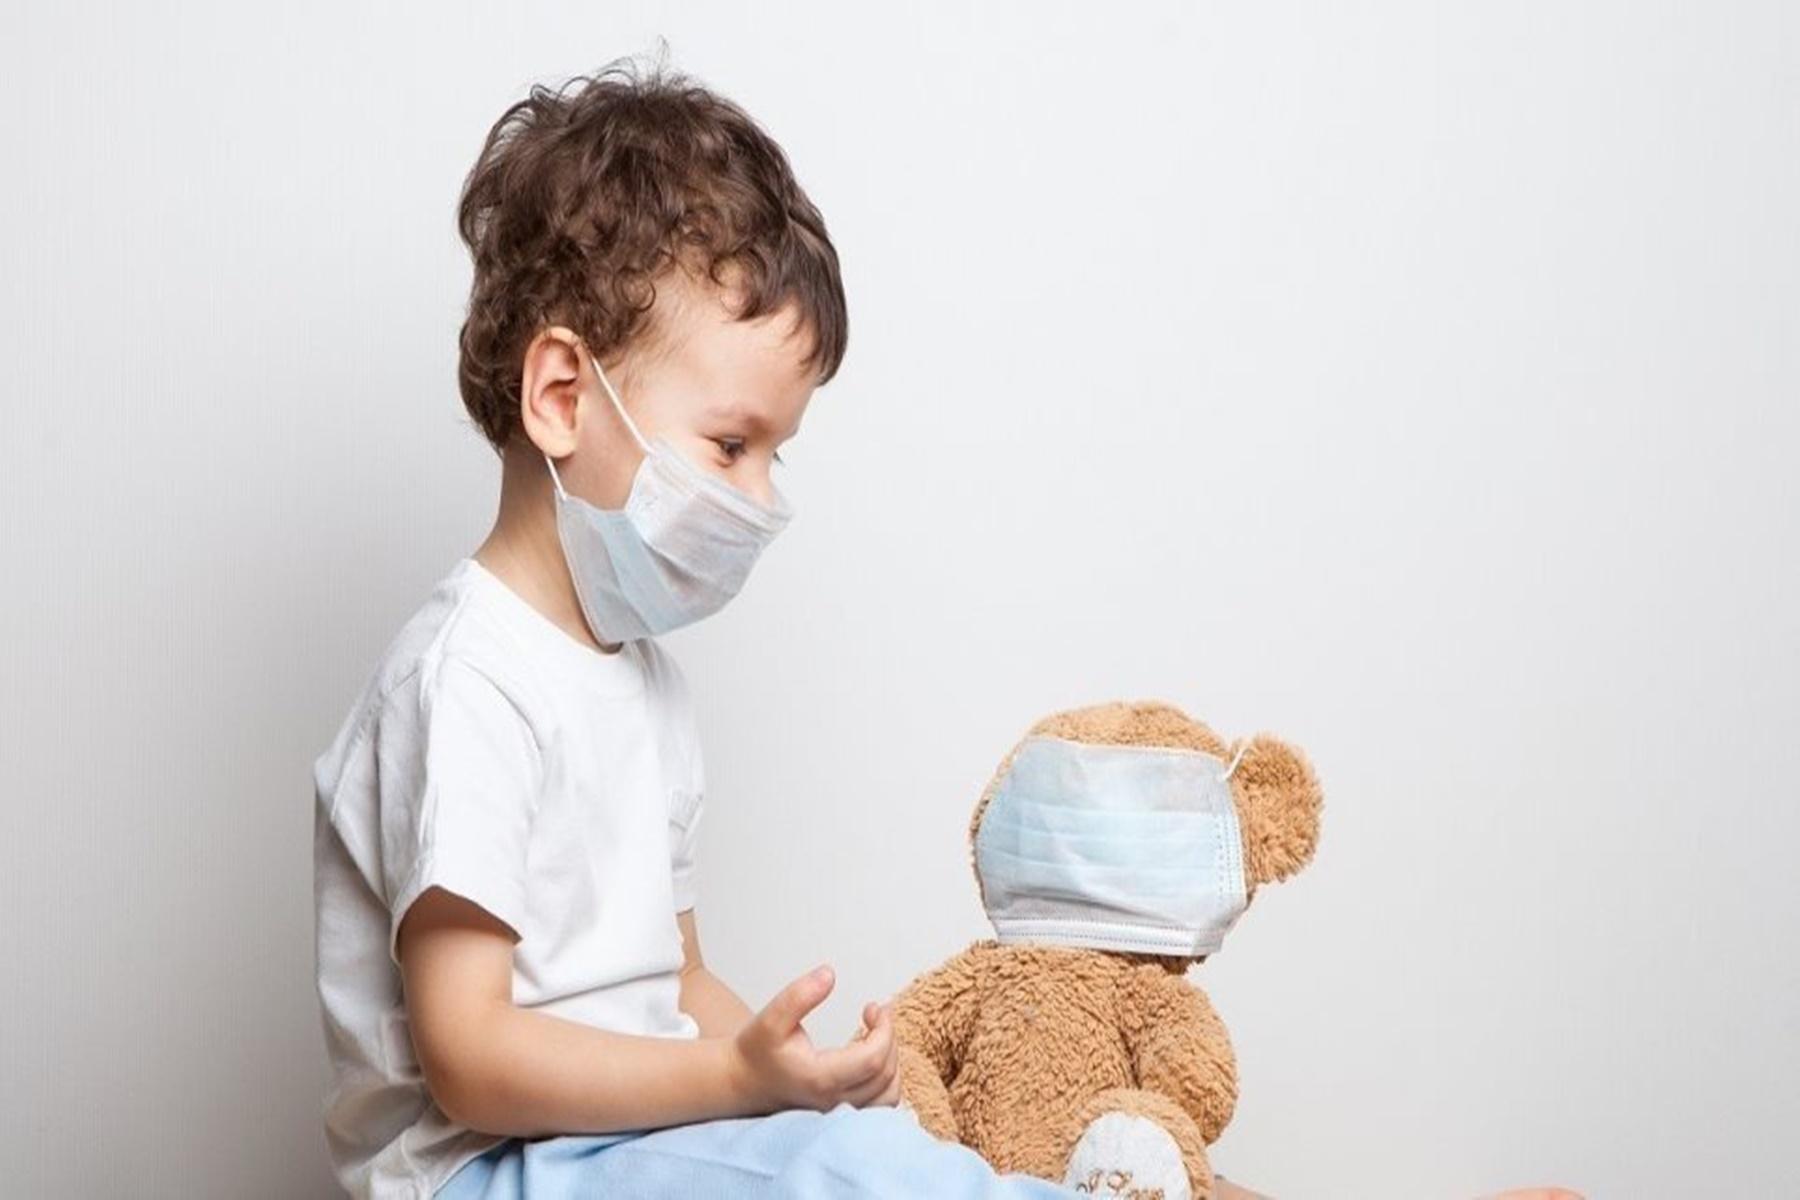 Κορωνοϊός : Τα συμπτώματα που προκαλεί σε παιδιά και εφήβους